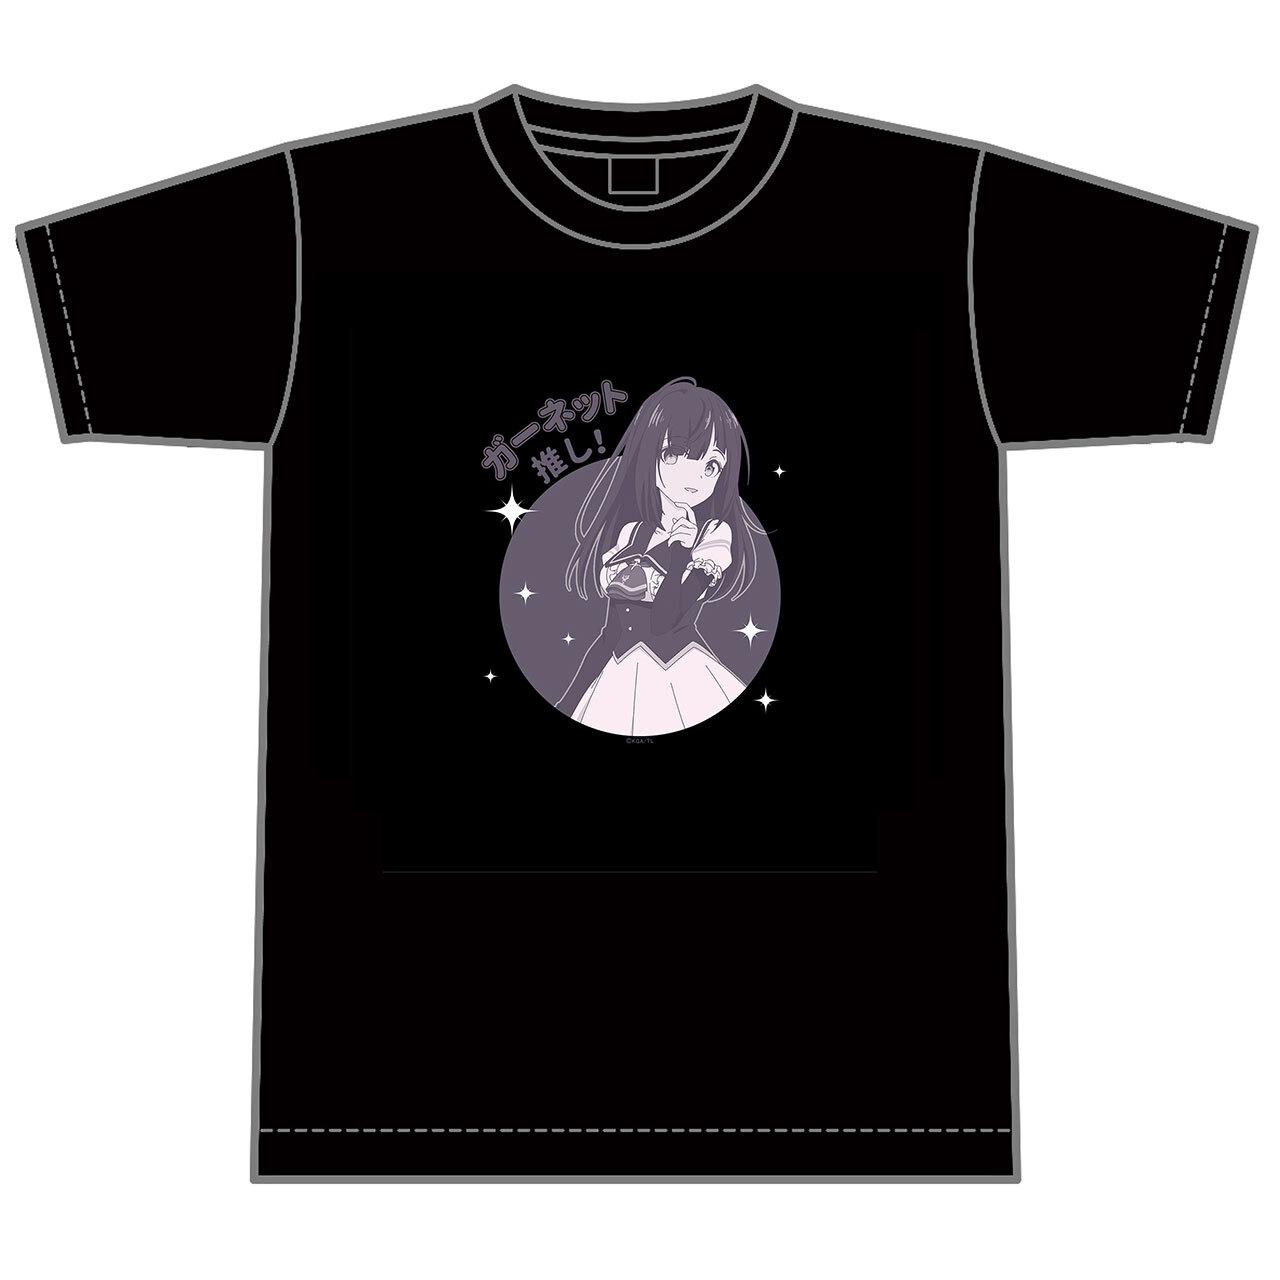 【4589839354943予】ラピスリライツ ガーネット 推しTシャツ/Mサイズ